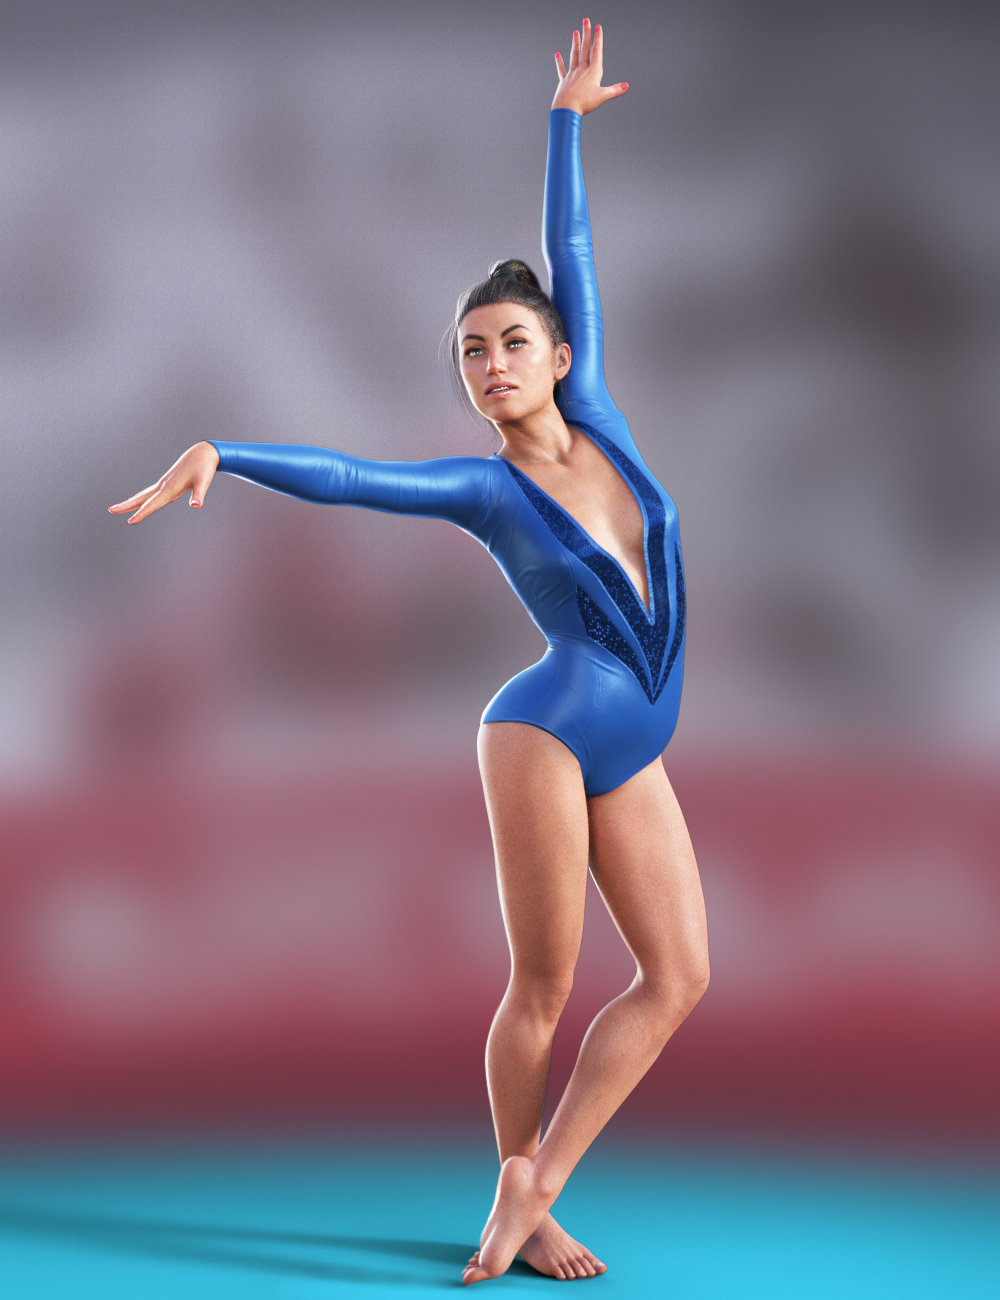 Gymnastic Animations for Genesis 8 by: ThreeDigital, 3D Models by Daz 3D